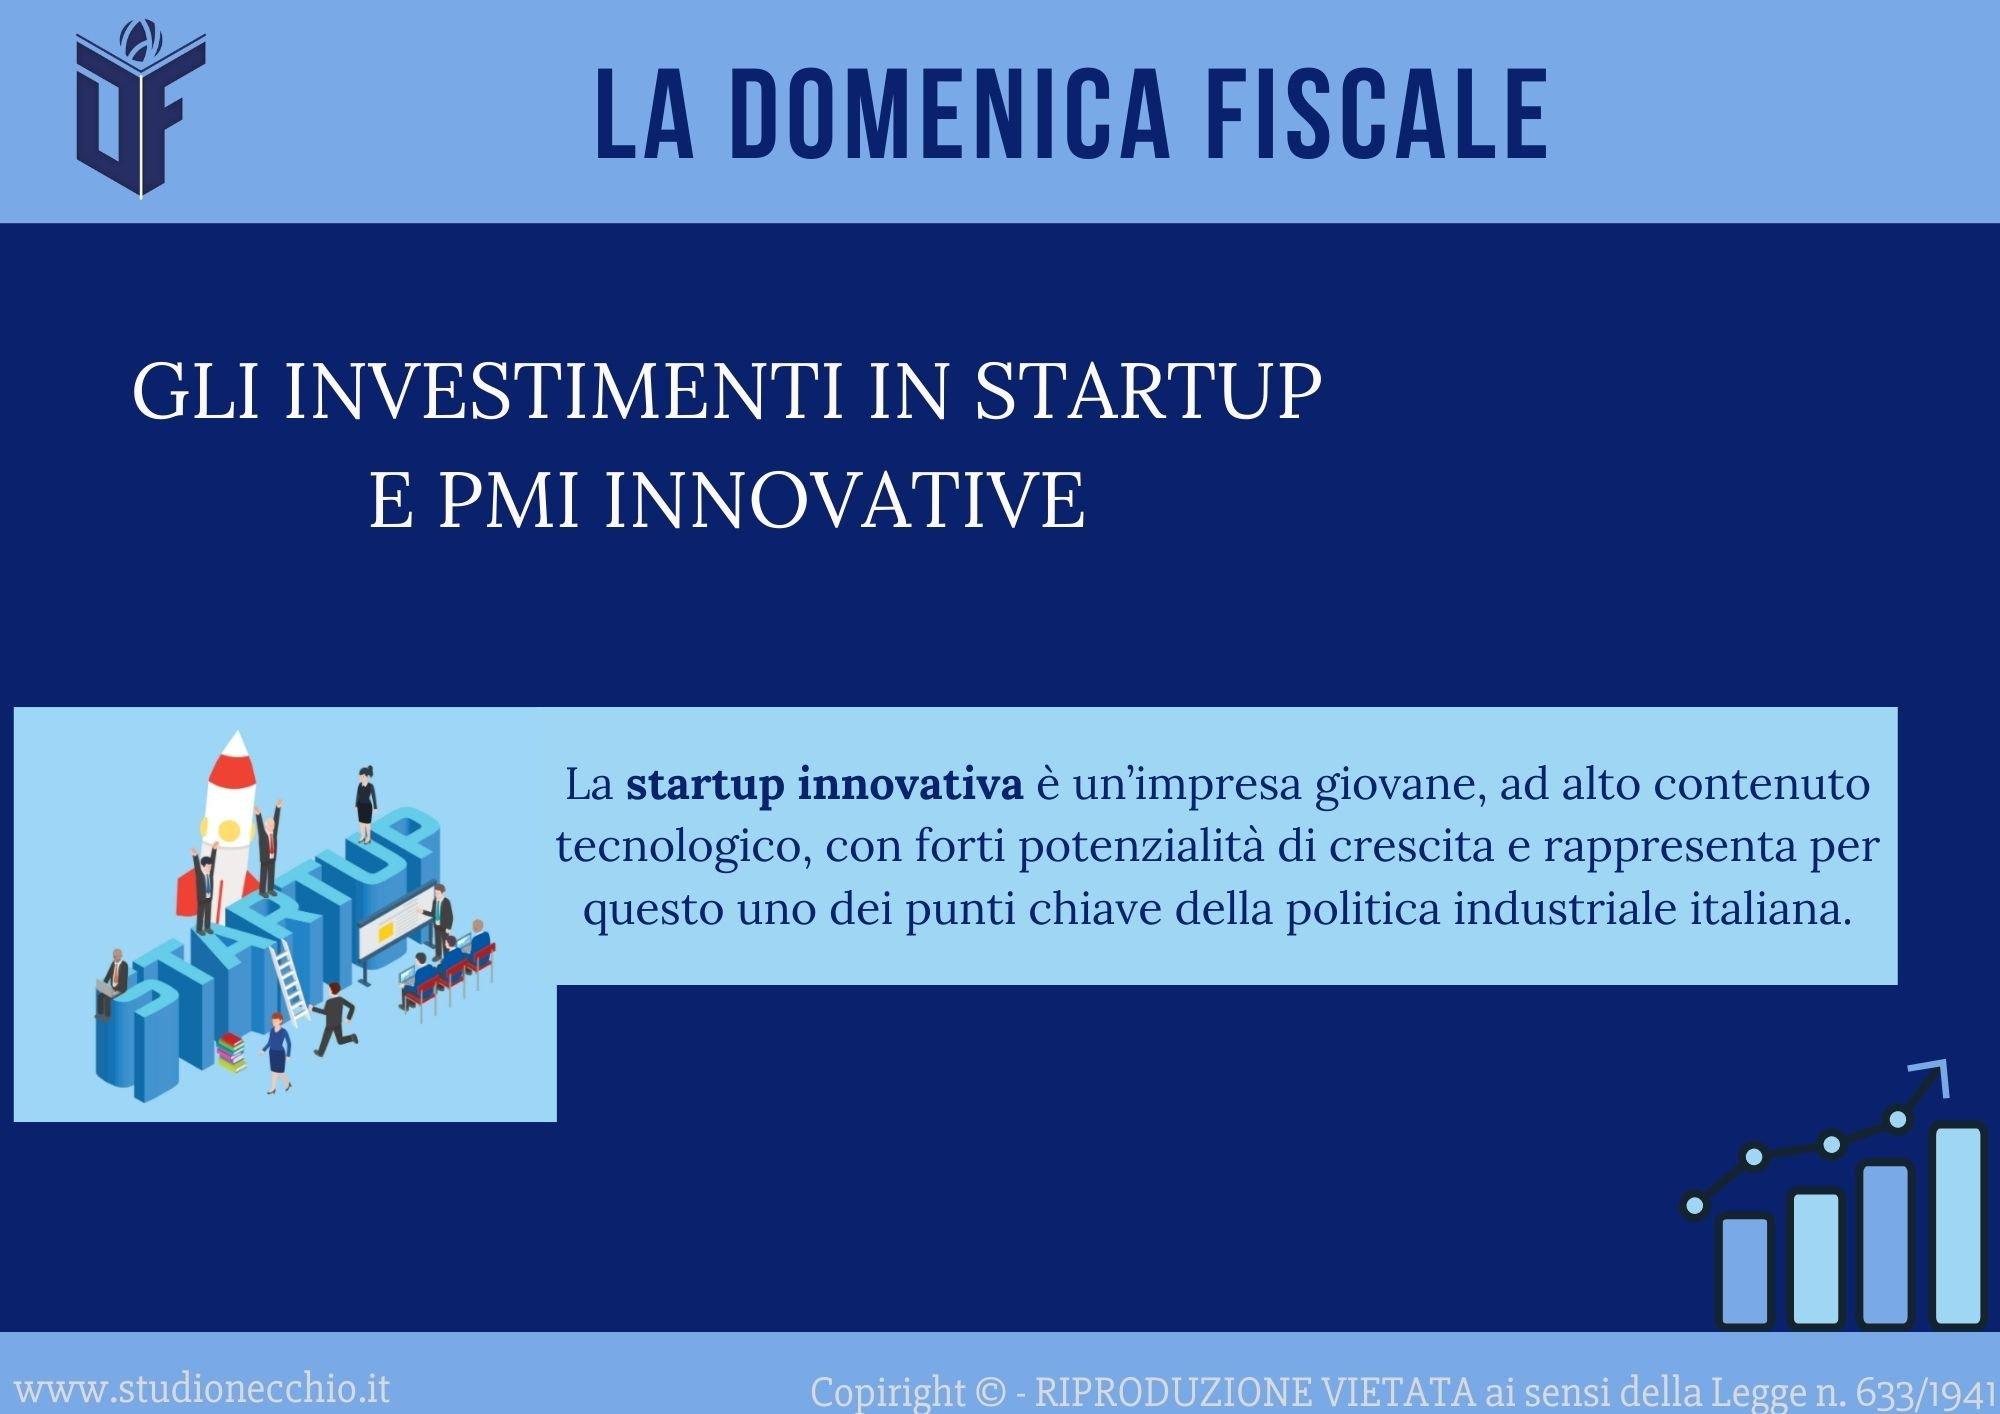 La Domenica Fiscale – GLI INVESTIMENTI IN STARTUP E PMI INNOVATIVE